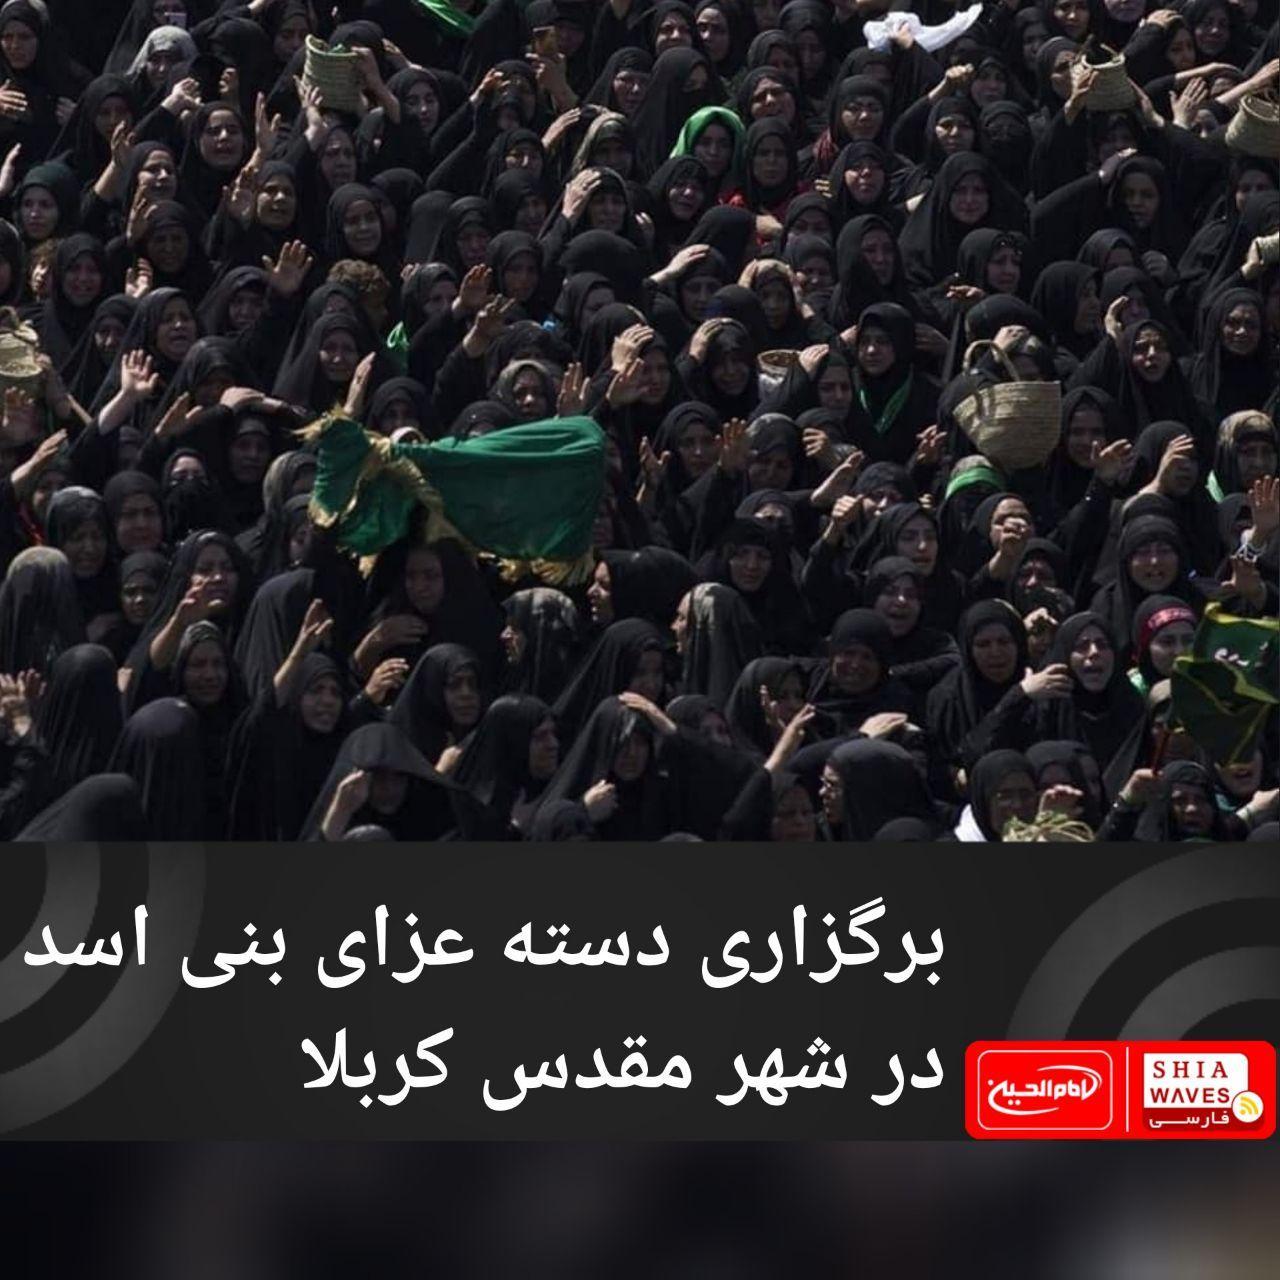 تصویر برگزاری دسته عزای بنی اسد در شهر مقدس کربلا